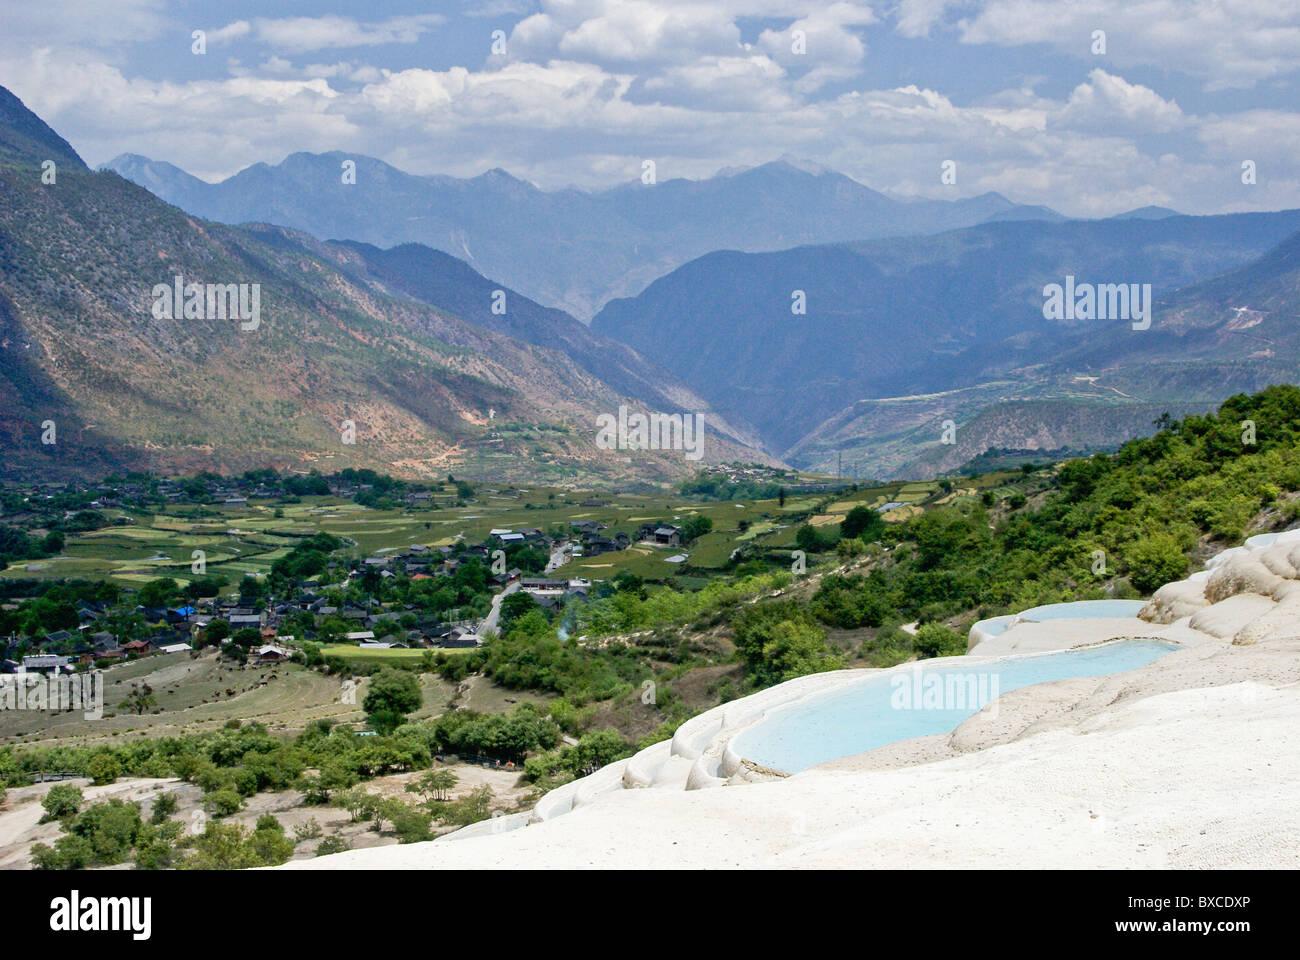 Baishui-tai (bianco terrazza dell'acqua), Shangri-la, Yunnan, Cina Immagini Stock